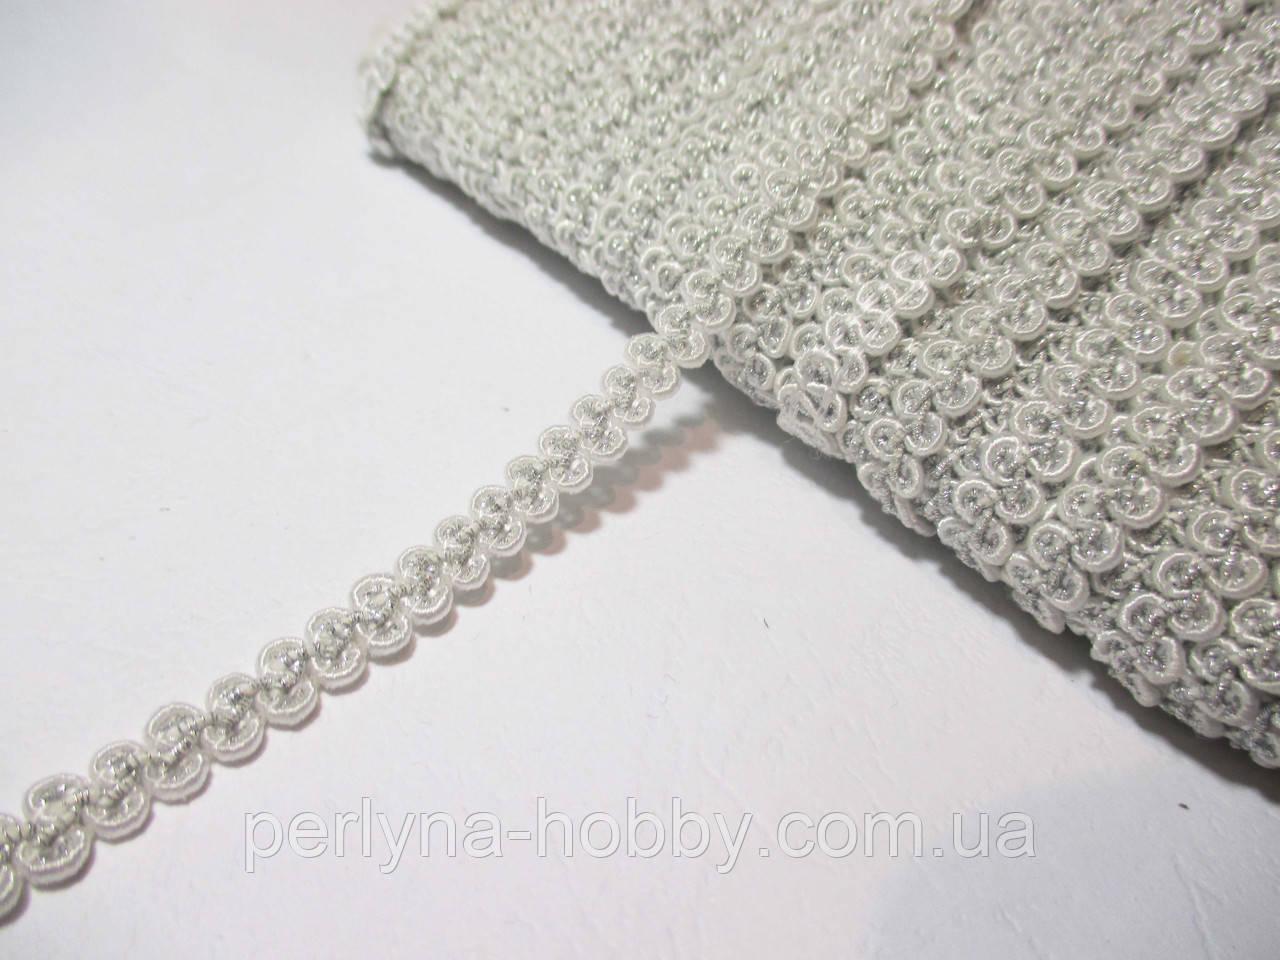 Тесьма декоративная Тасьма  декоративна шанель вузька 6мм, біла зі сріблом